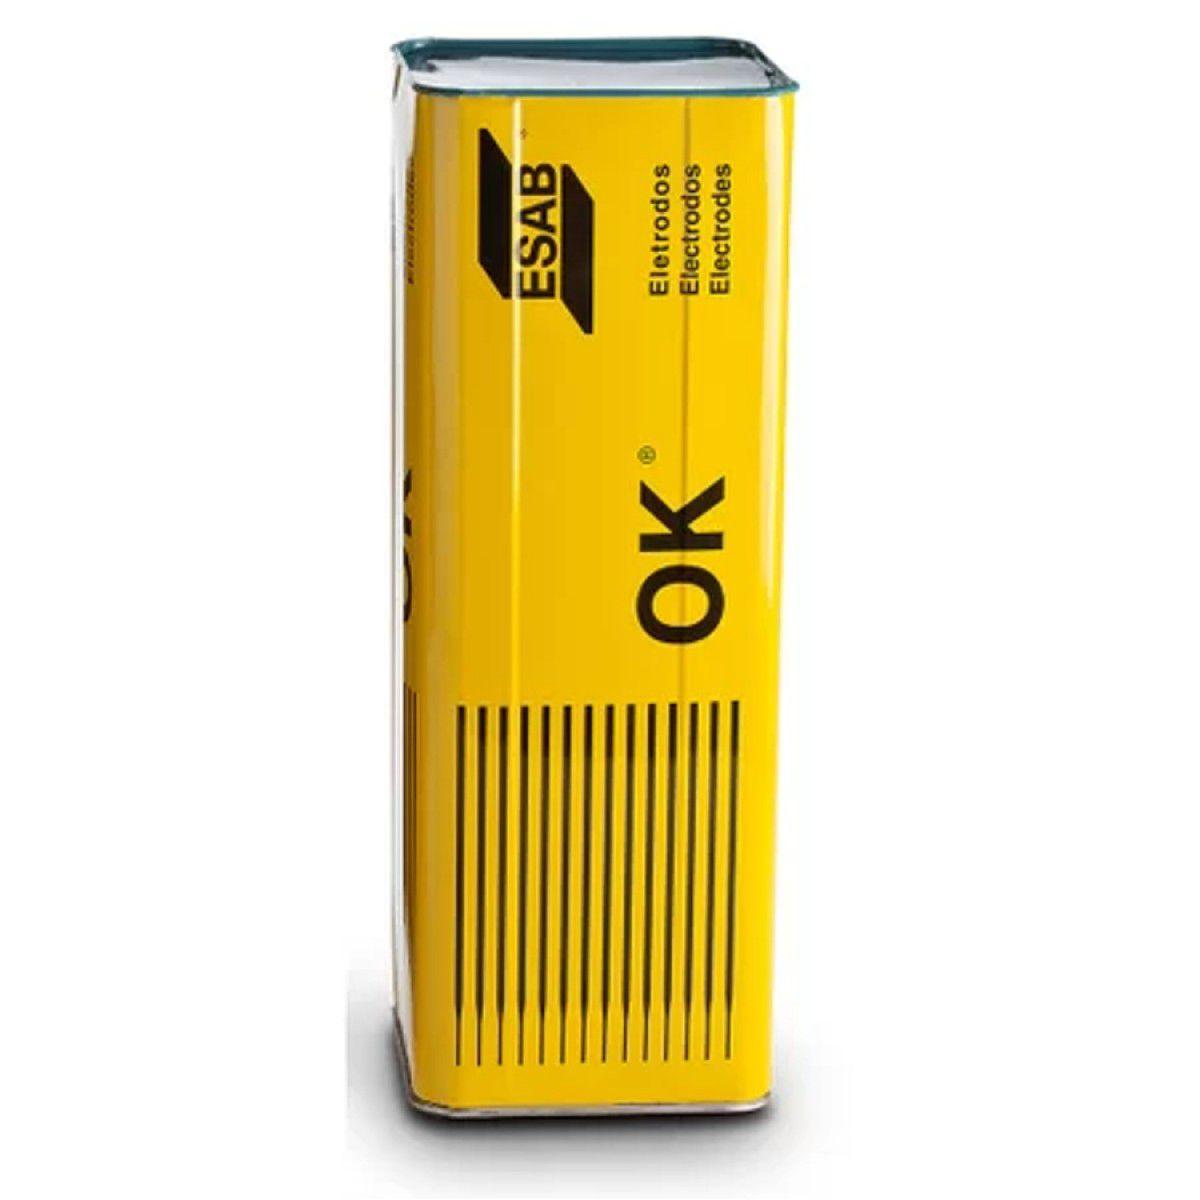 ELETRODO 4804 3,25mm ESAB OK - 1KG